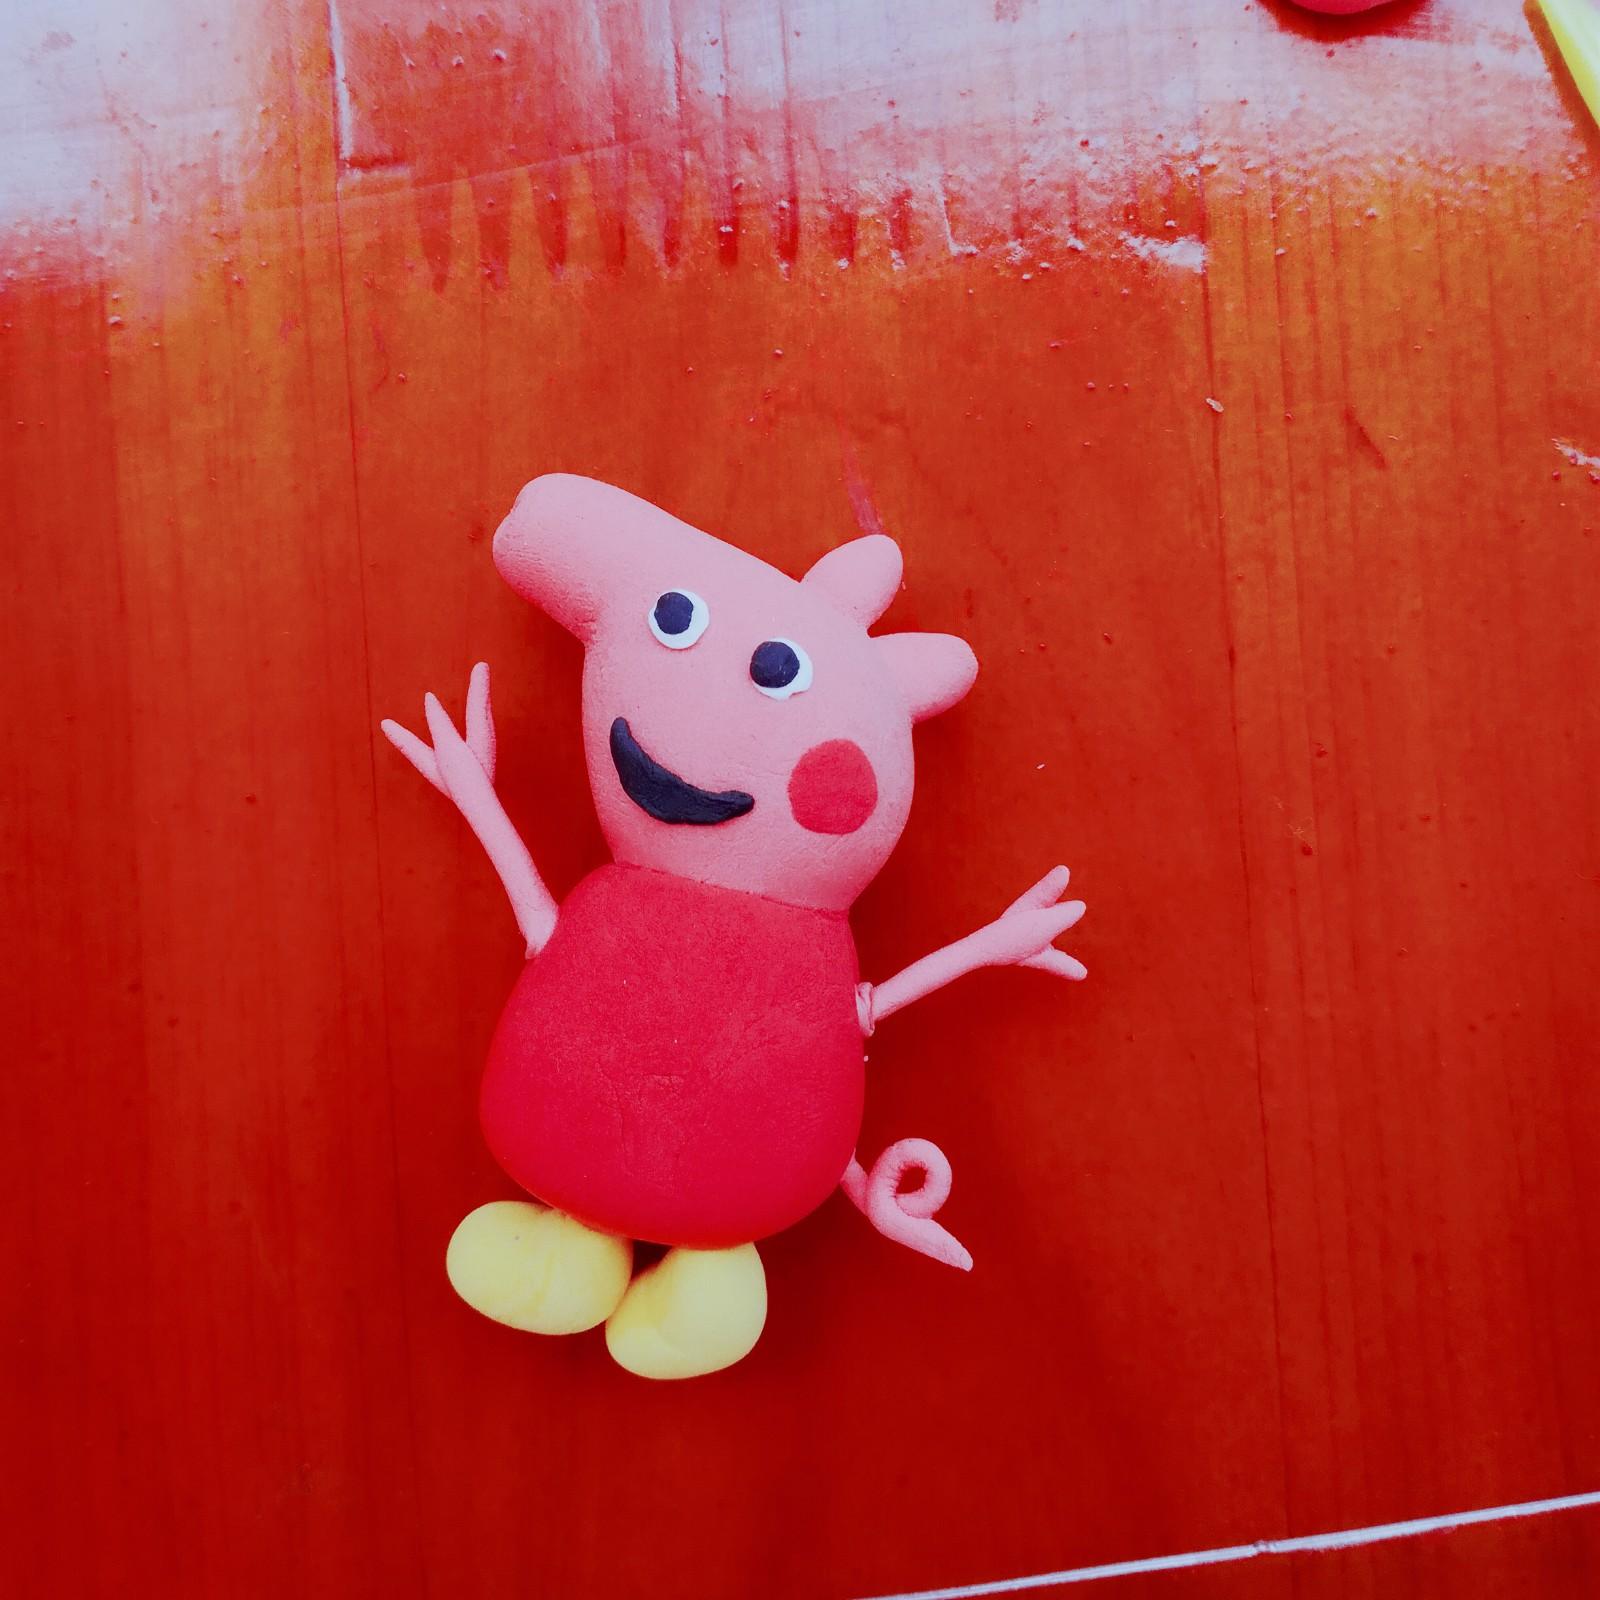 粘土作品小猪佩奇